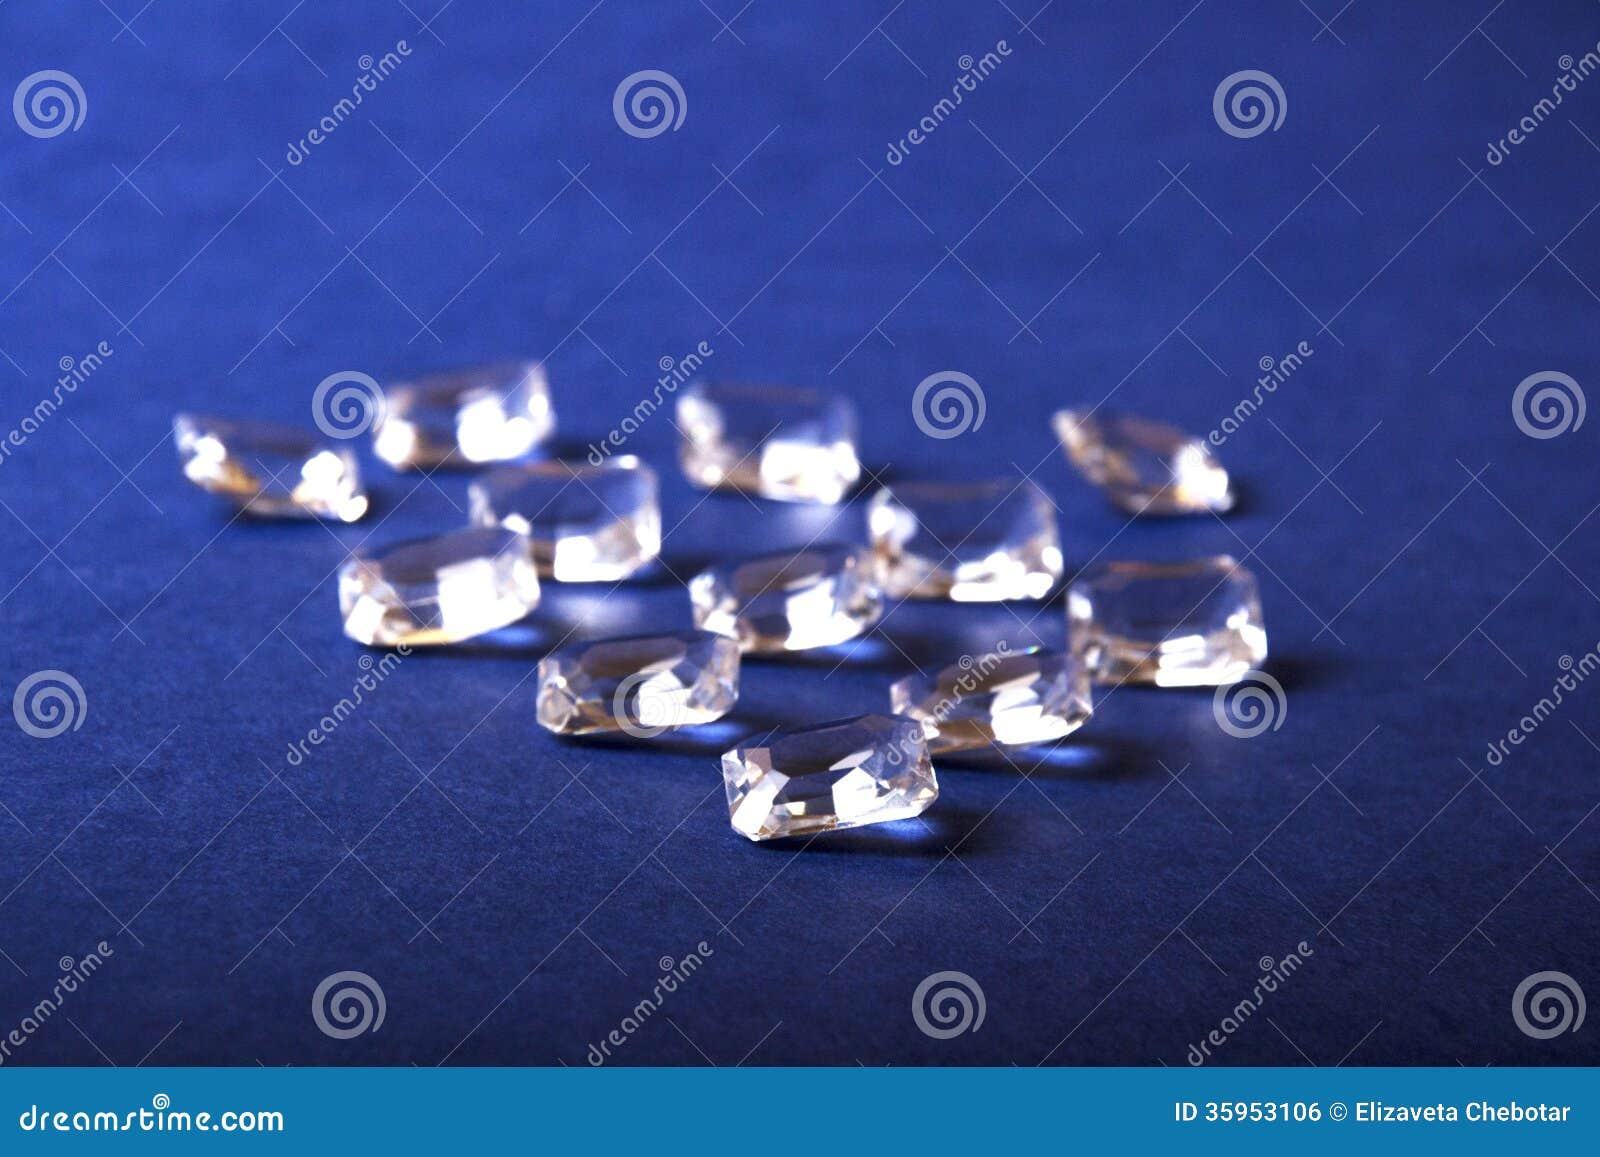 Un manojo de cristales en un fondo azul